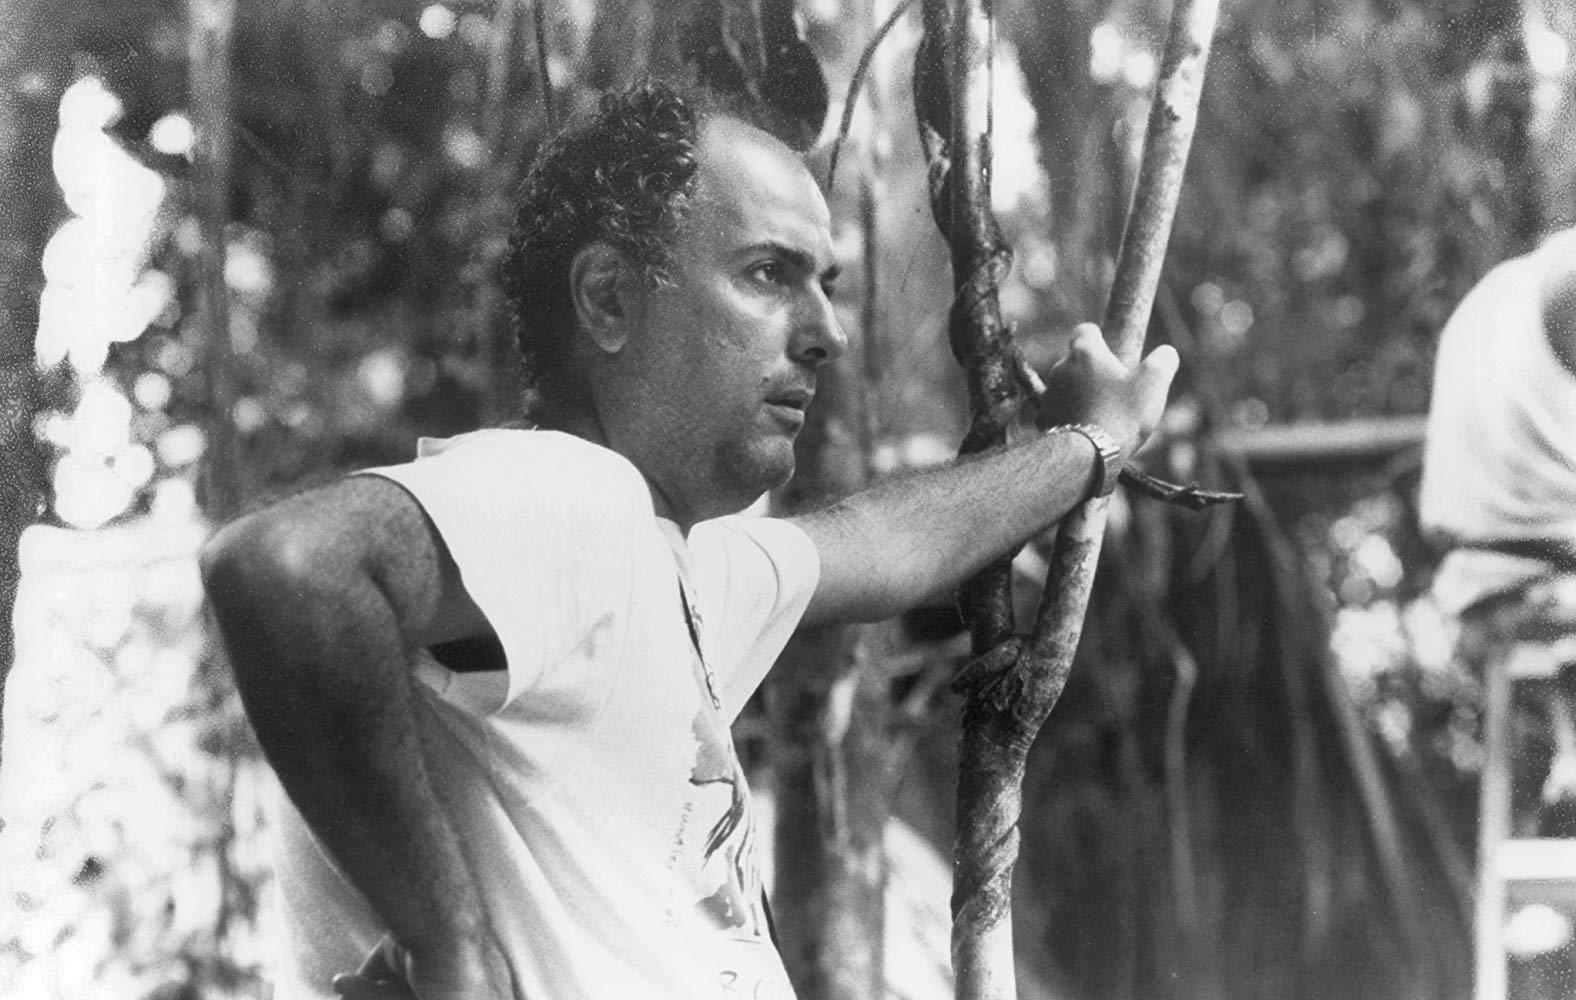 Héctor Babenco IMDb